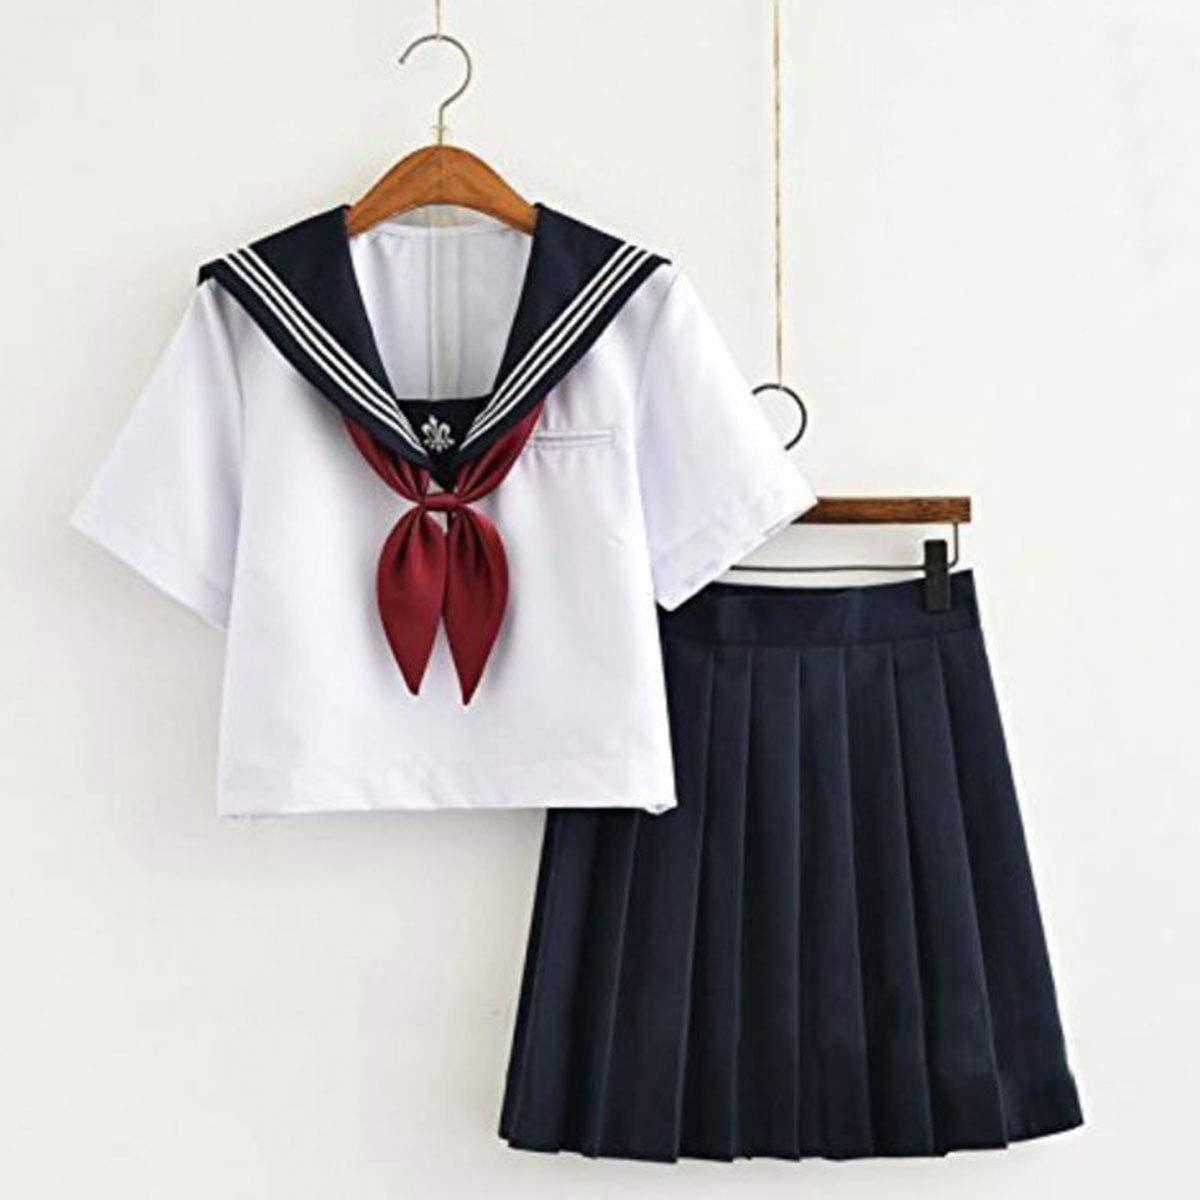 セーラー服コスプレ女子高生制服コスチューム白紺赤XLサイズ半袖×ミニスカート_画像2